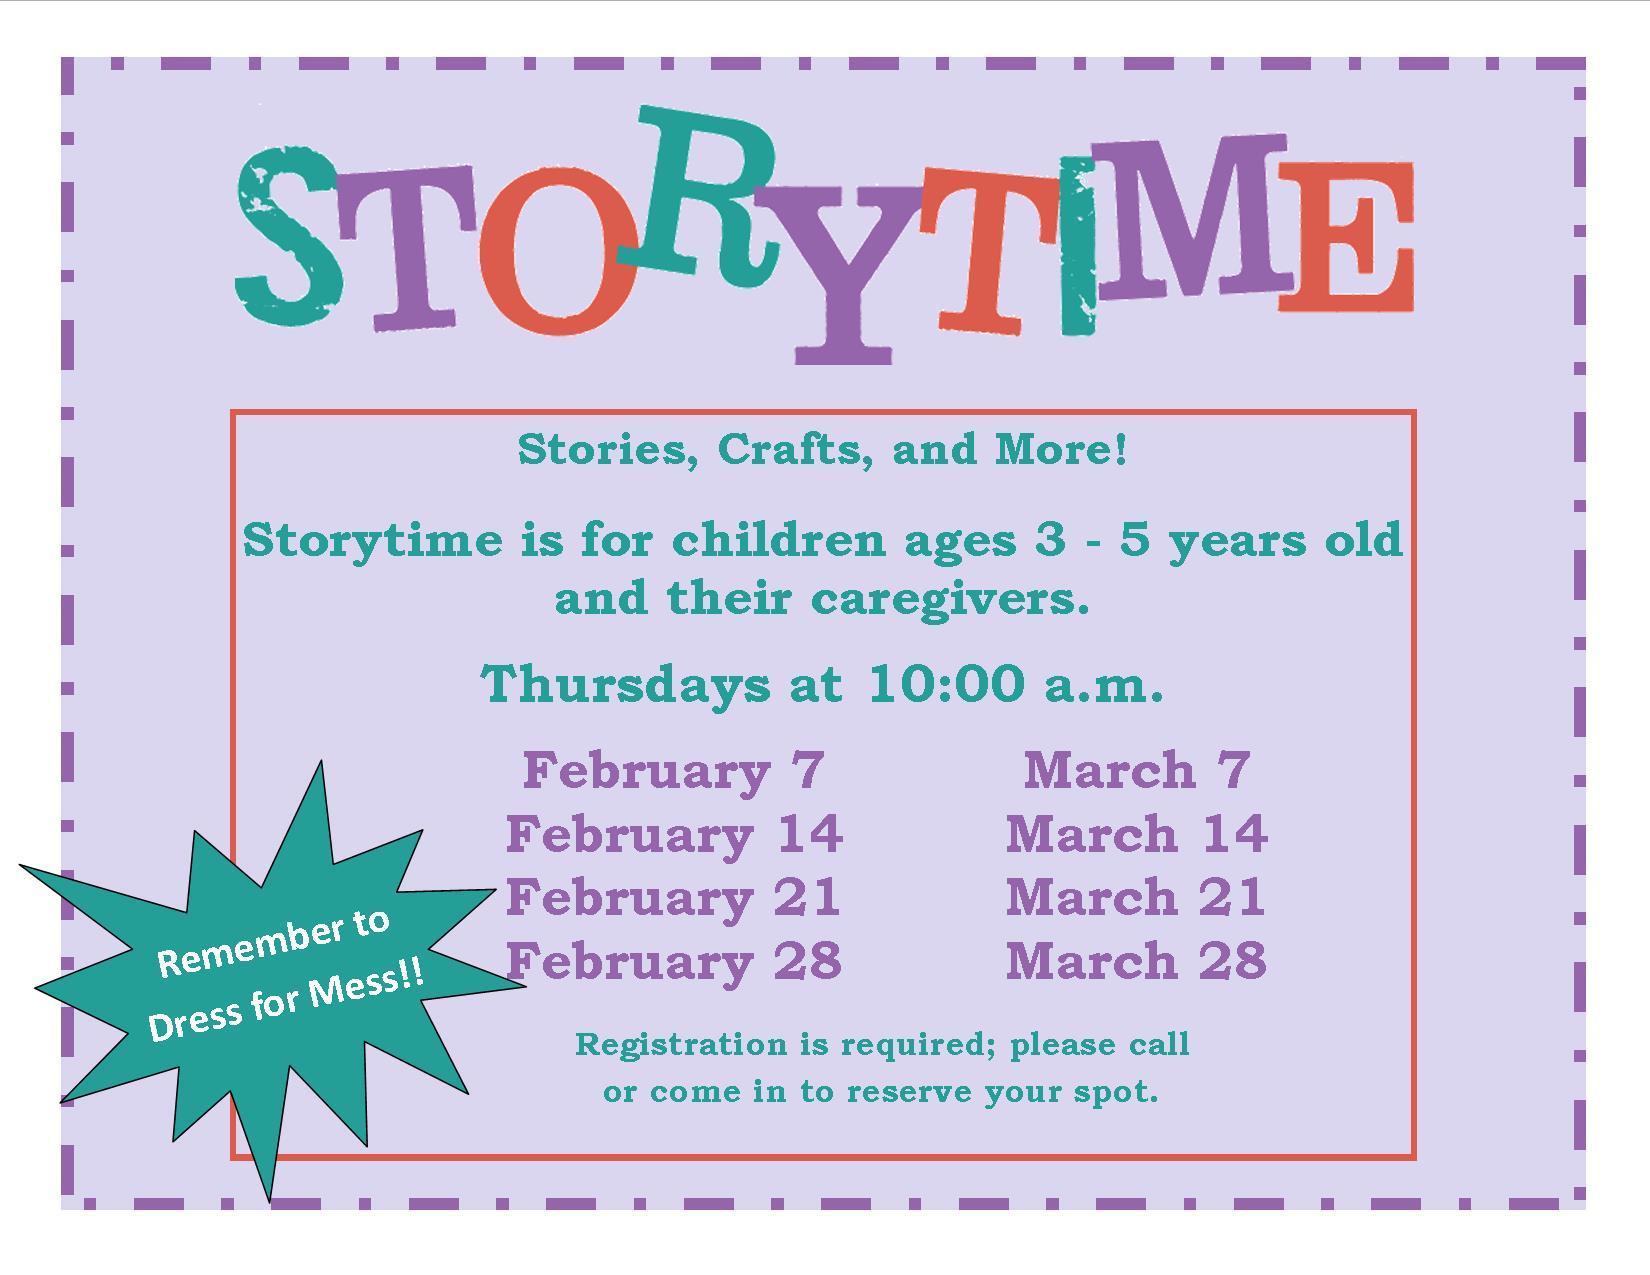 February 2019 New Storytime Spring 2019.jpg